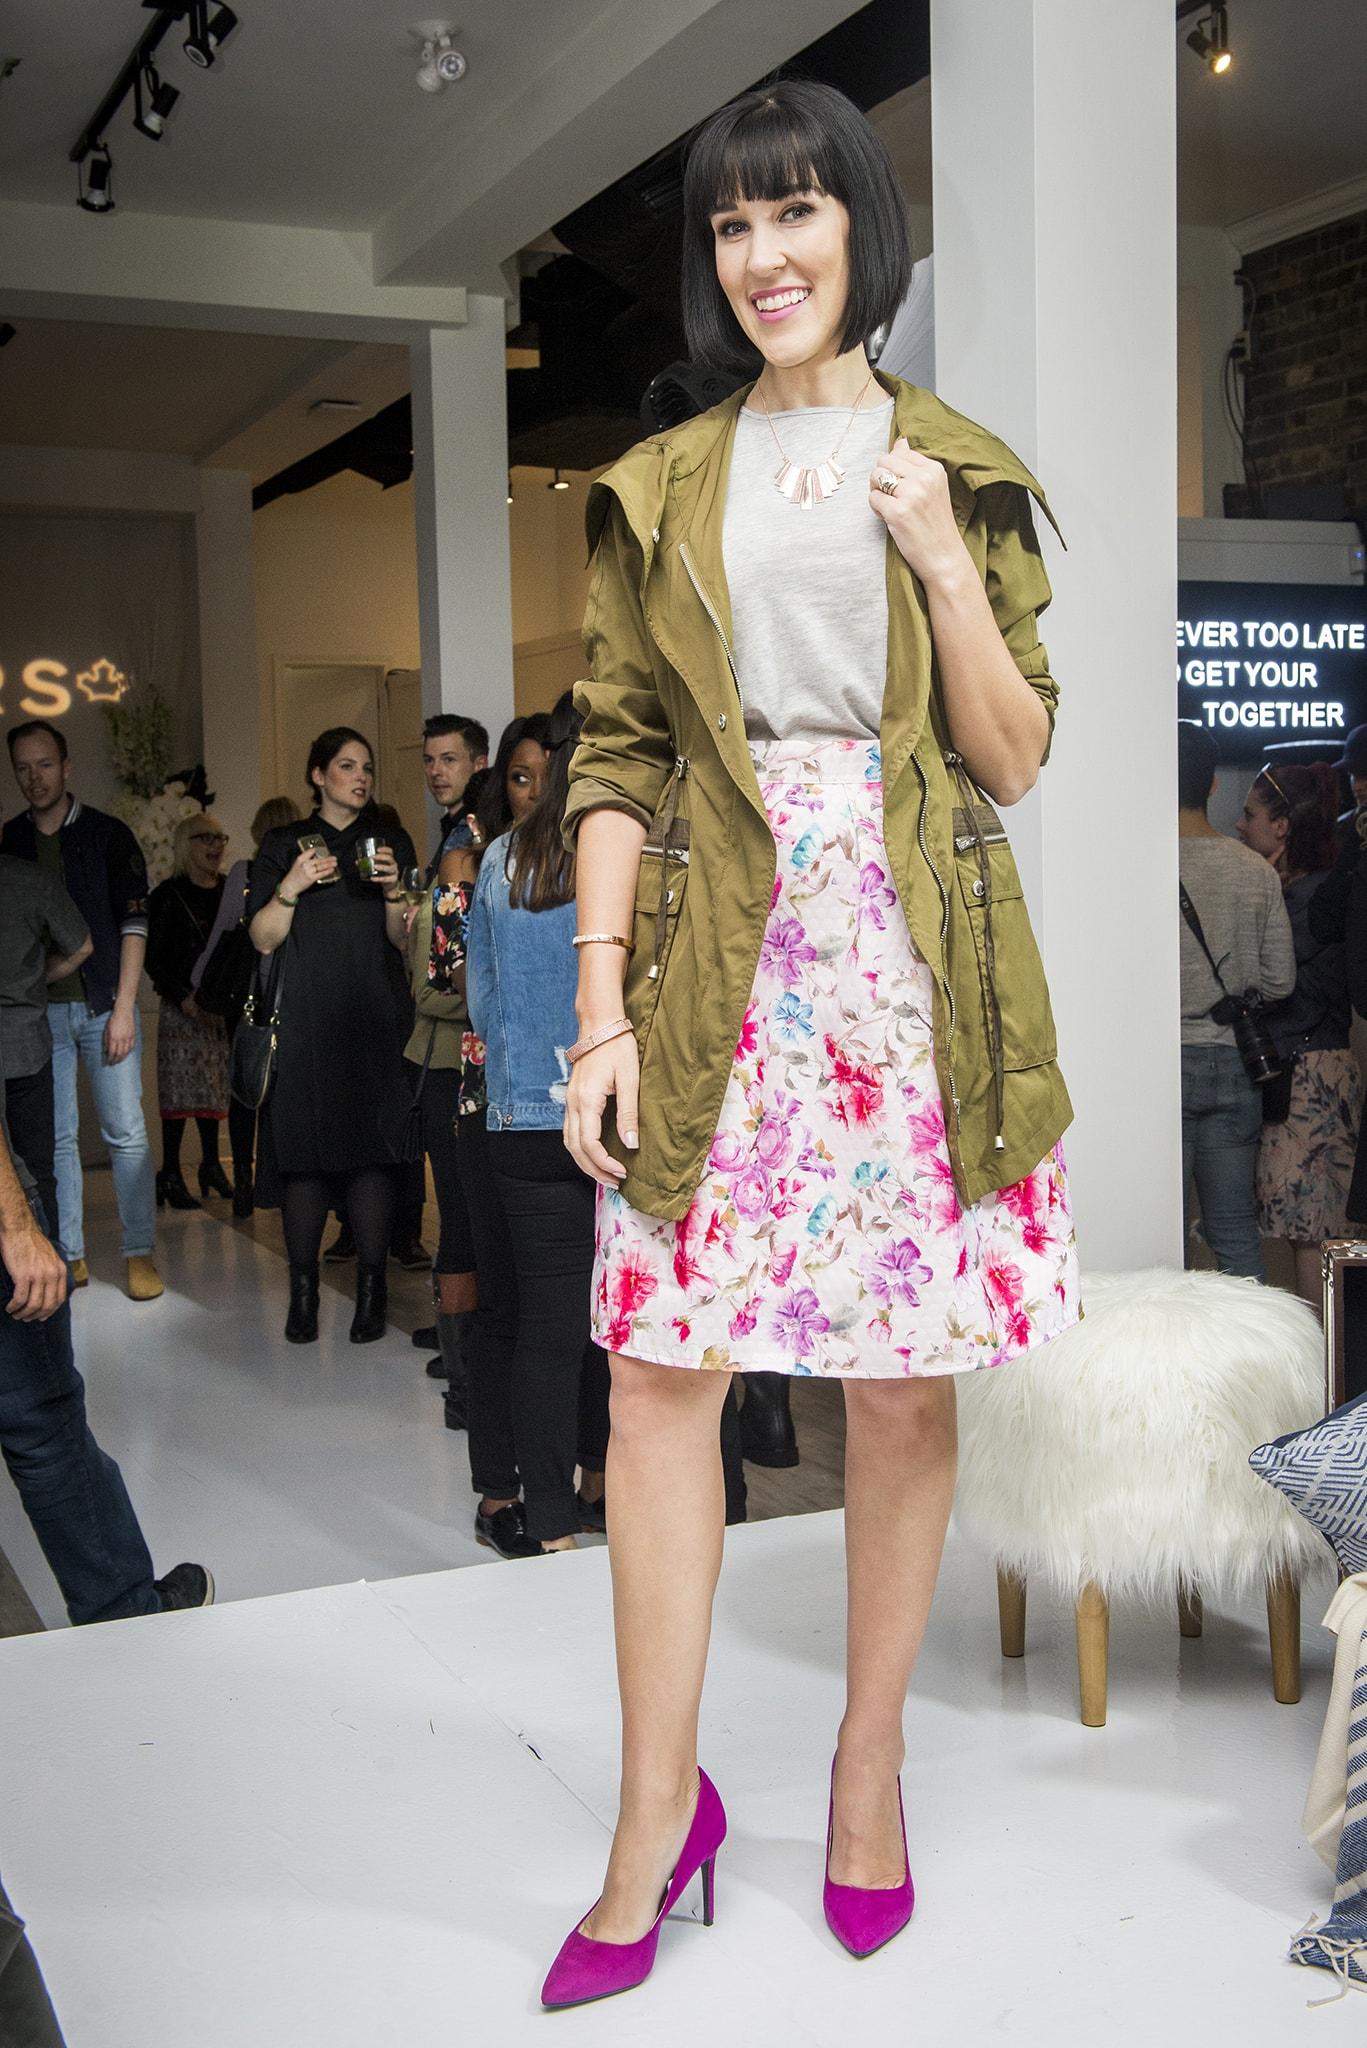 cut @ sears, blog Toronto, blog Canada, fashion tips, fashion style, fashion bloggers Toronto